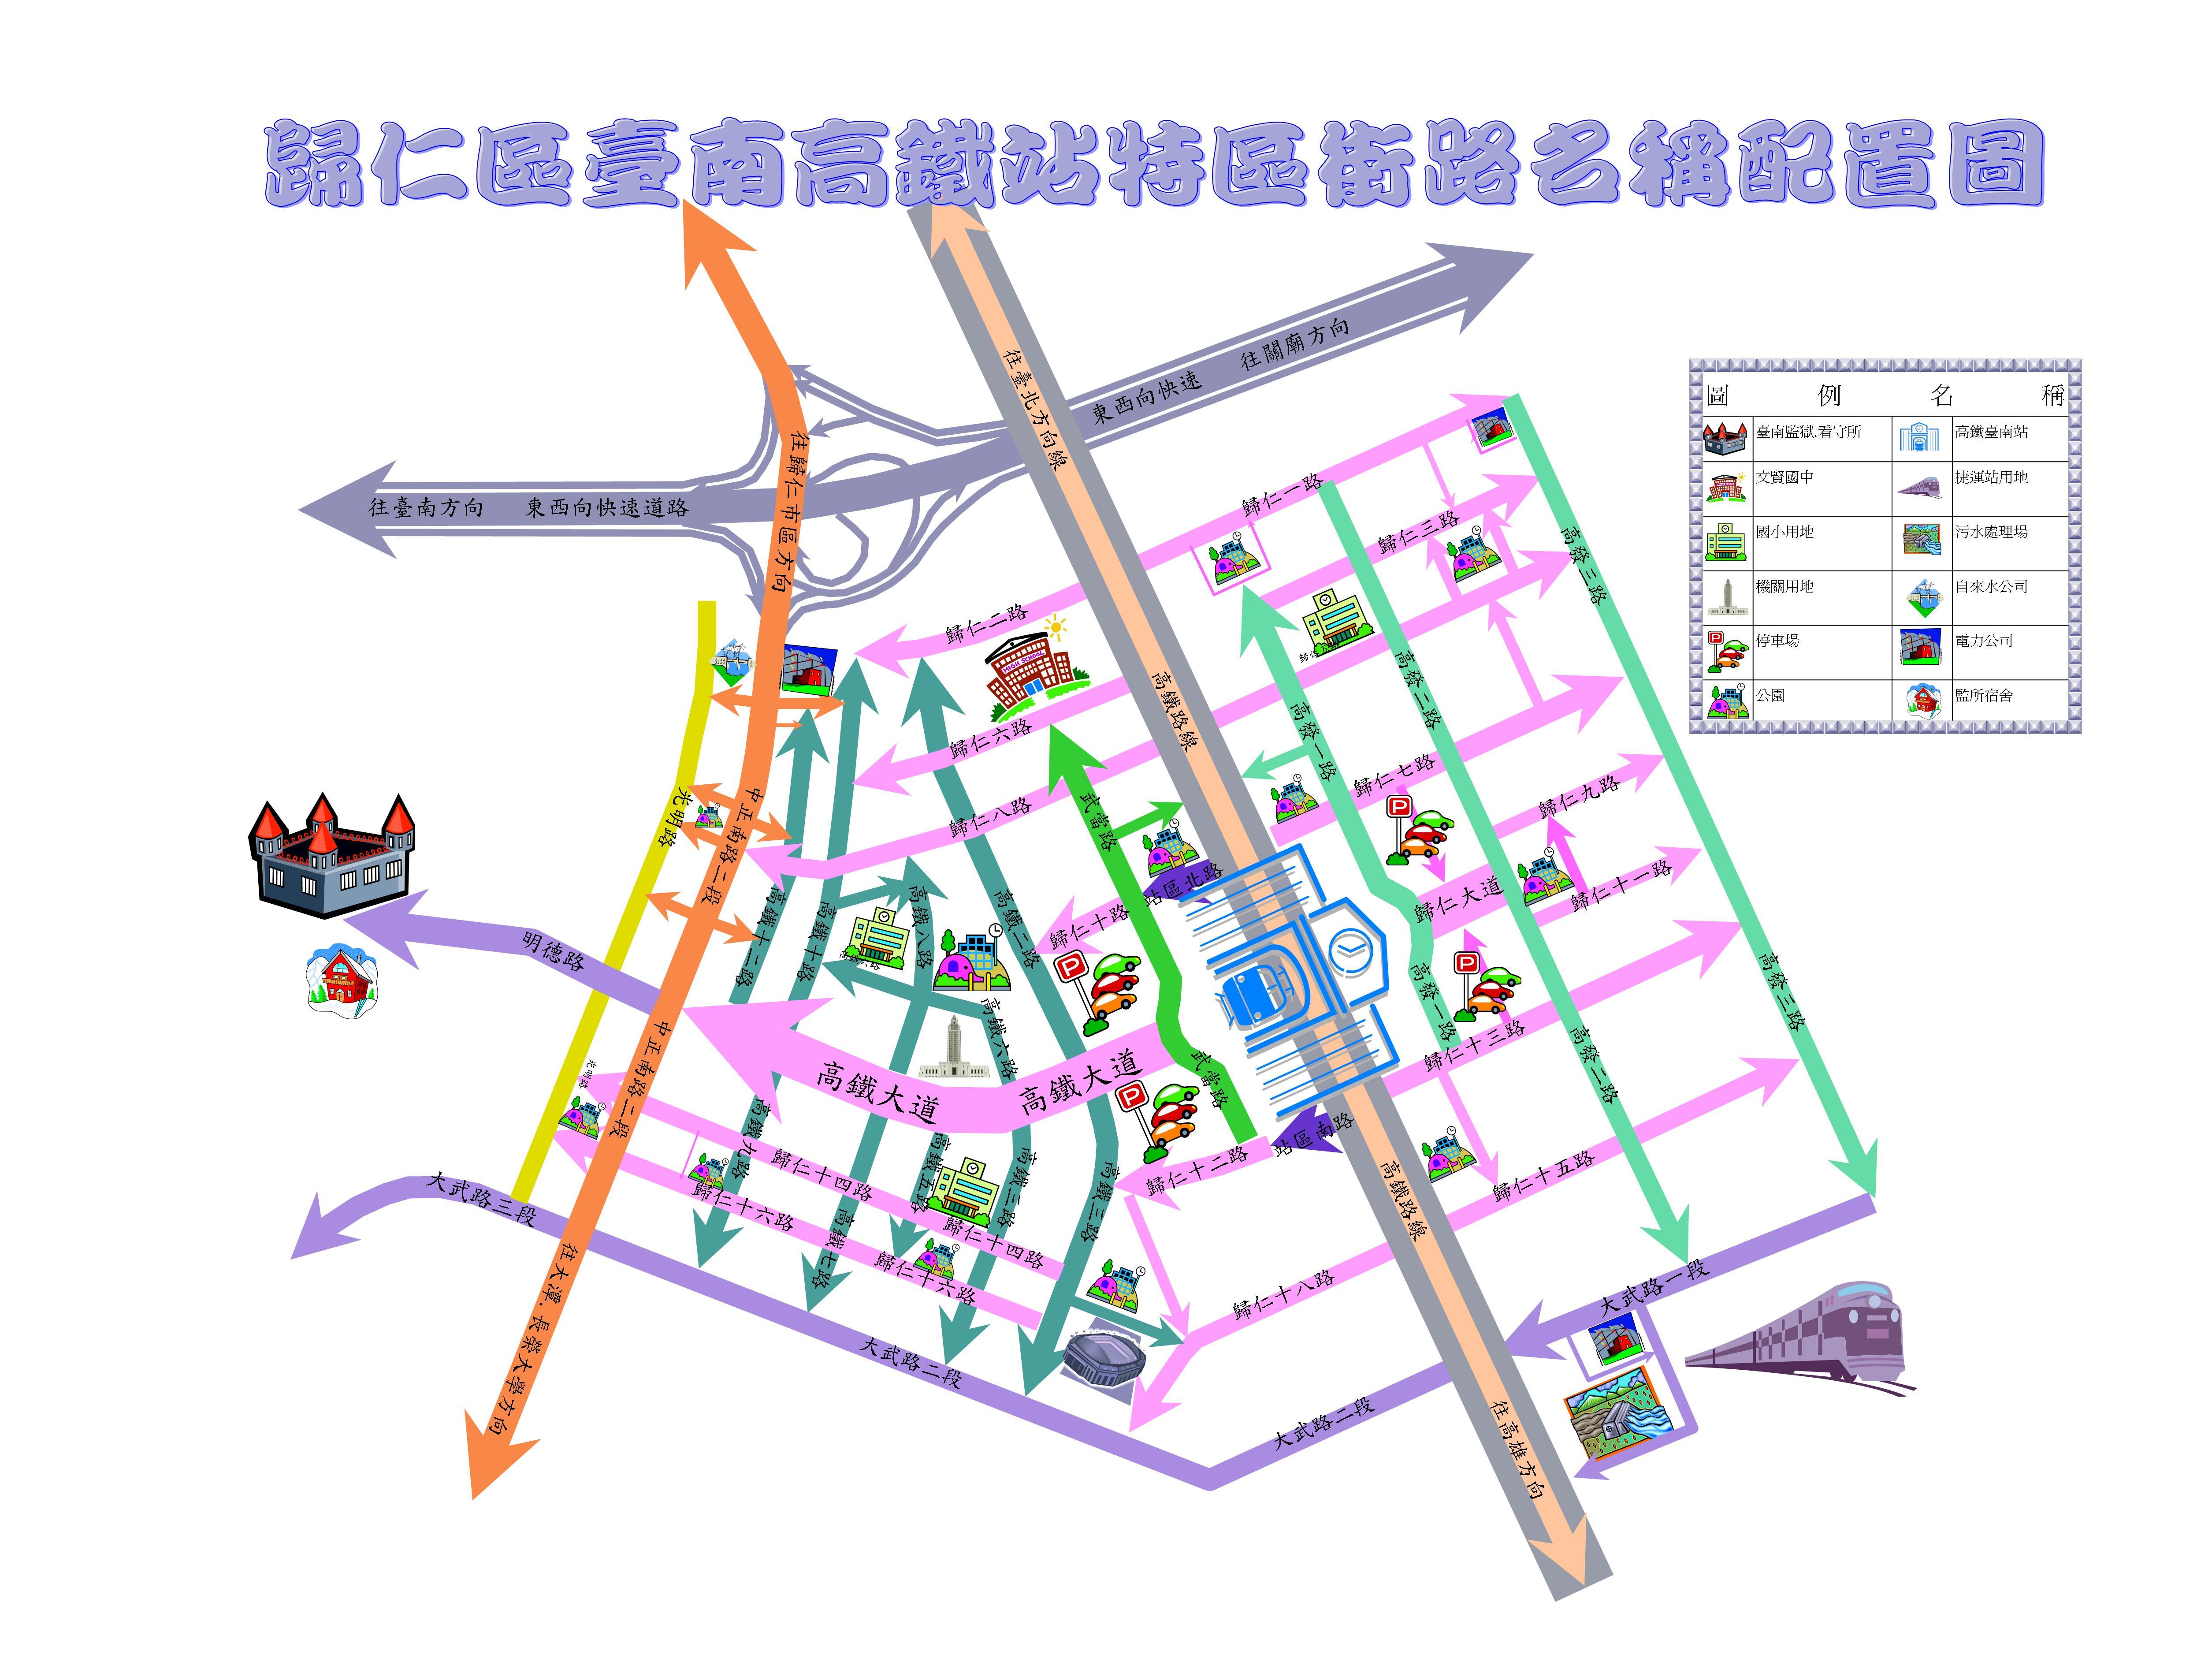 台灣高鐵站區街路圖